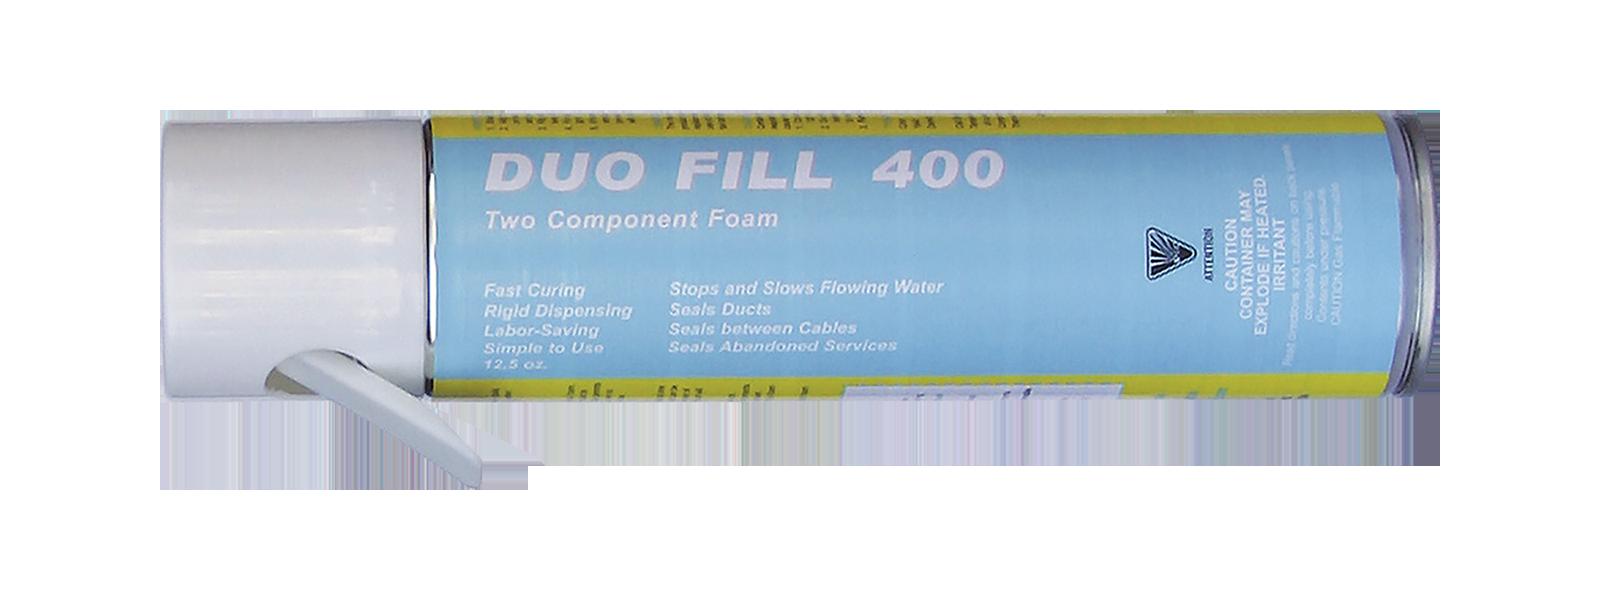 duofill400